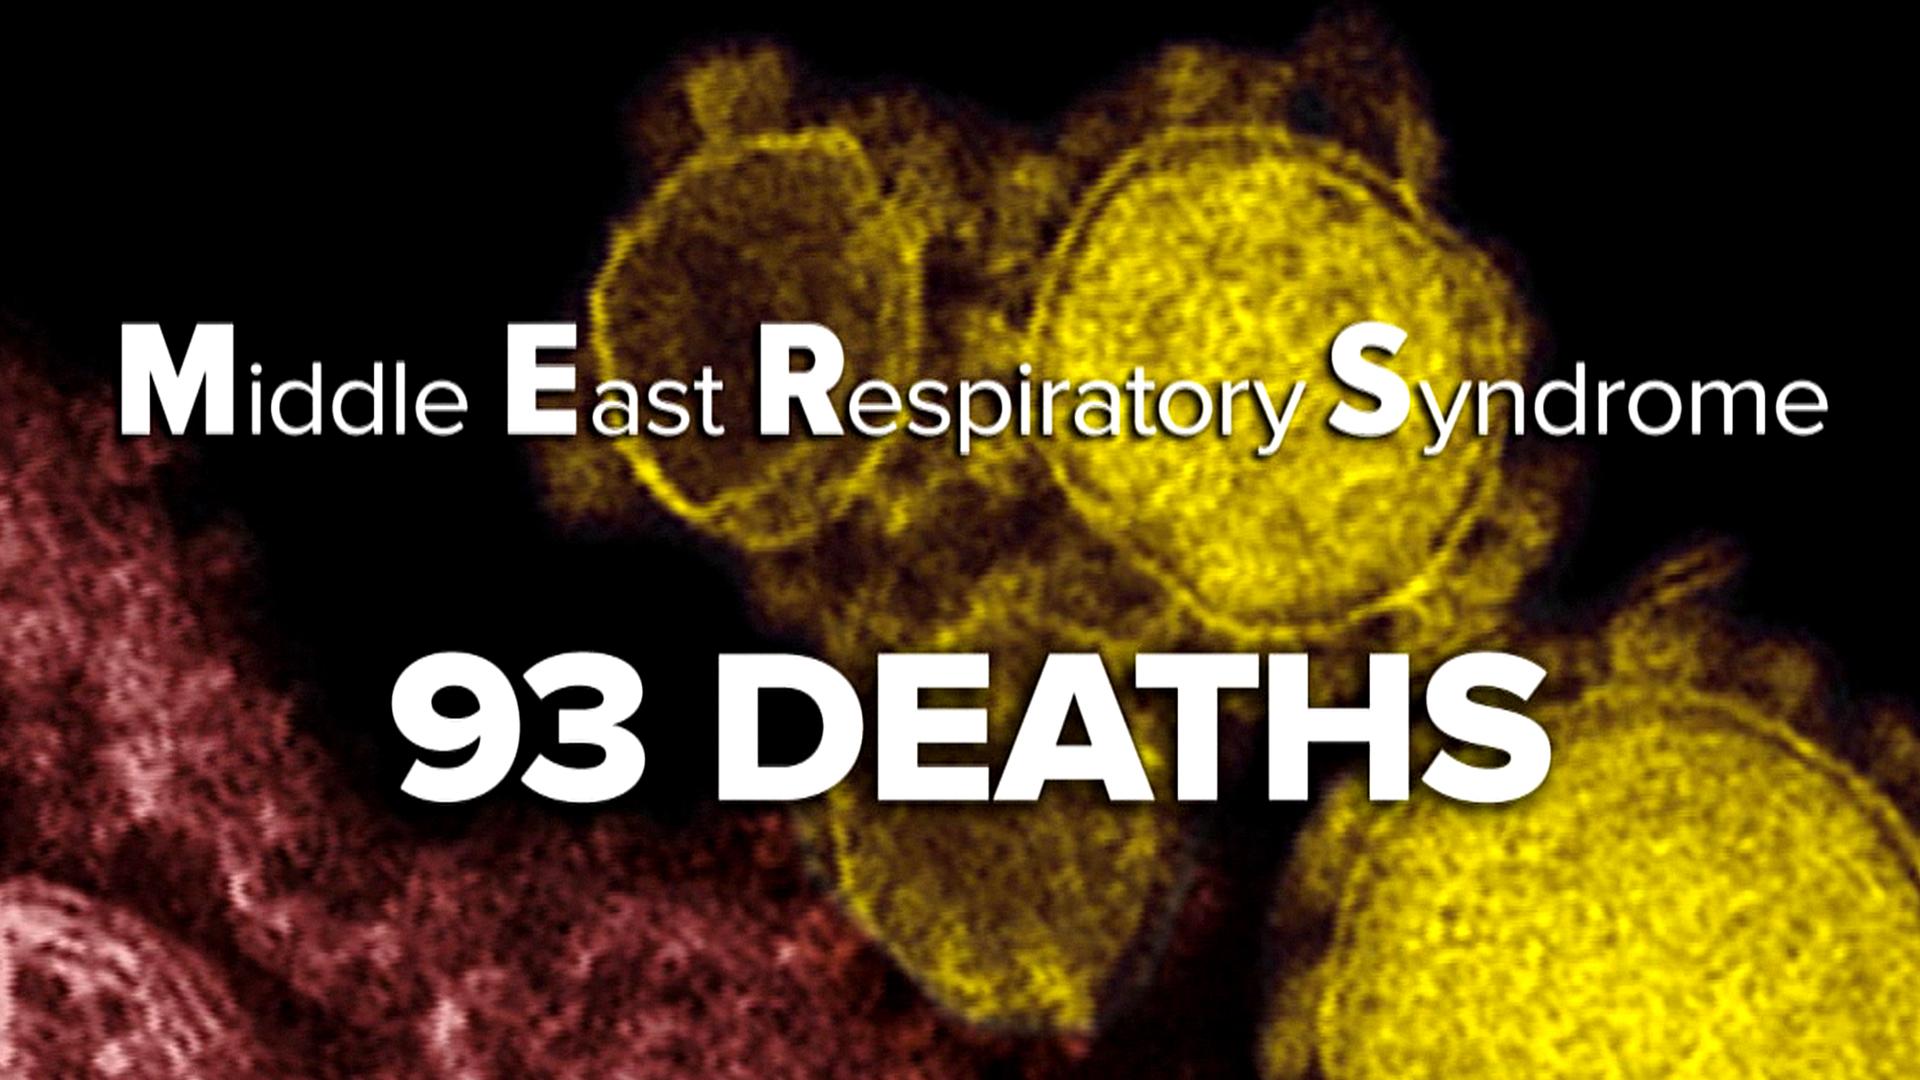 Sixth Person Dies of MERS Virus in South Korea